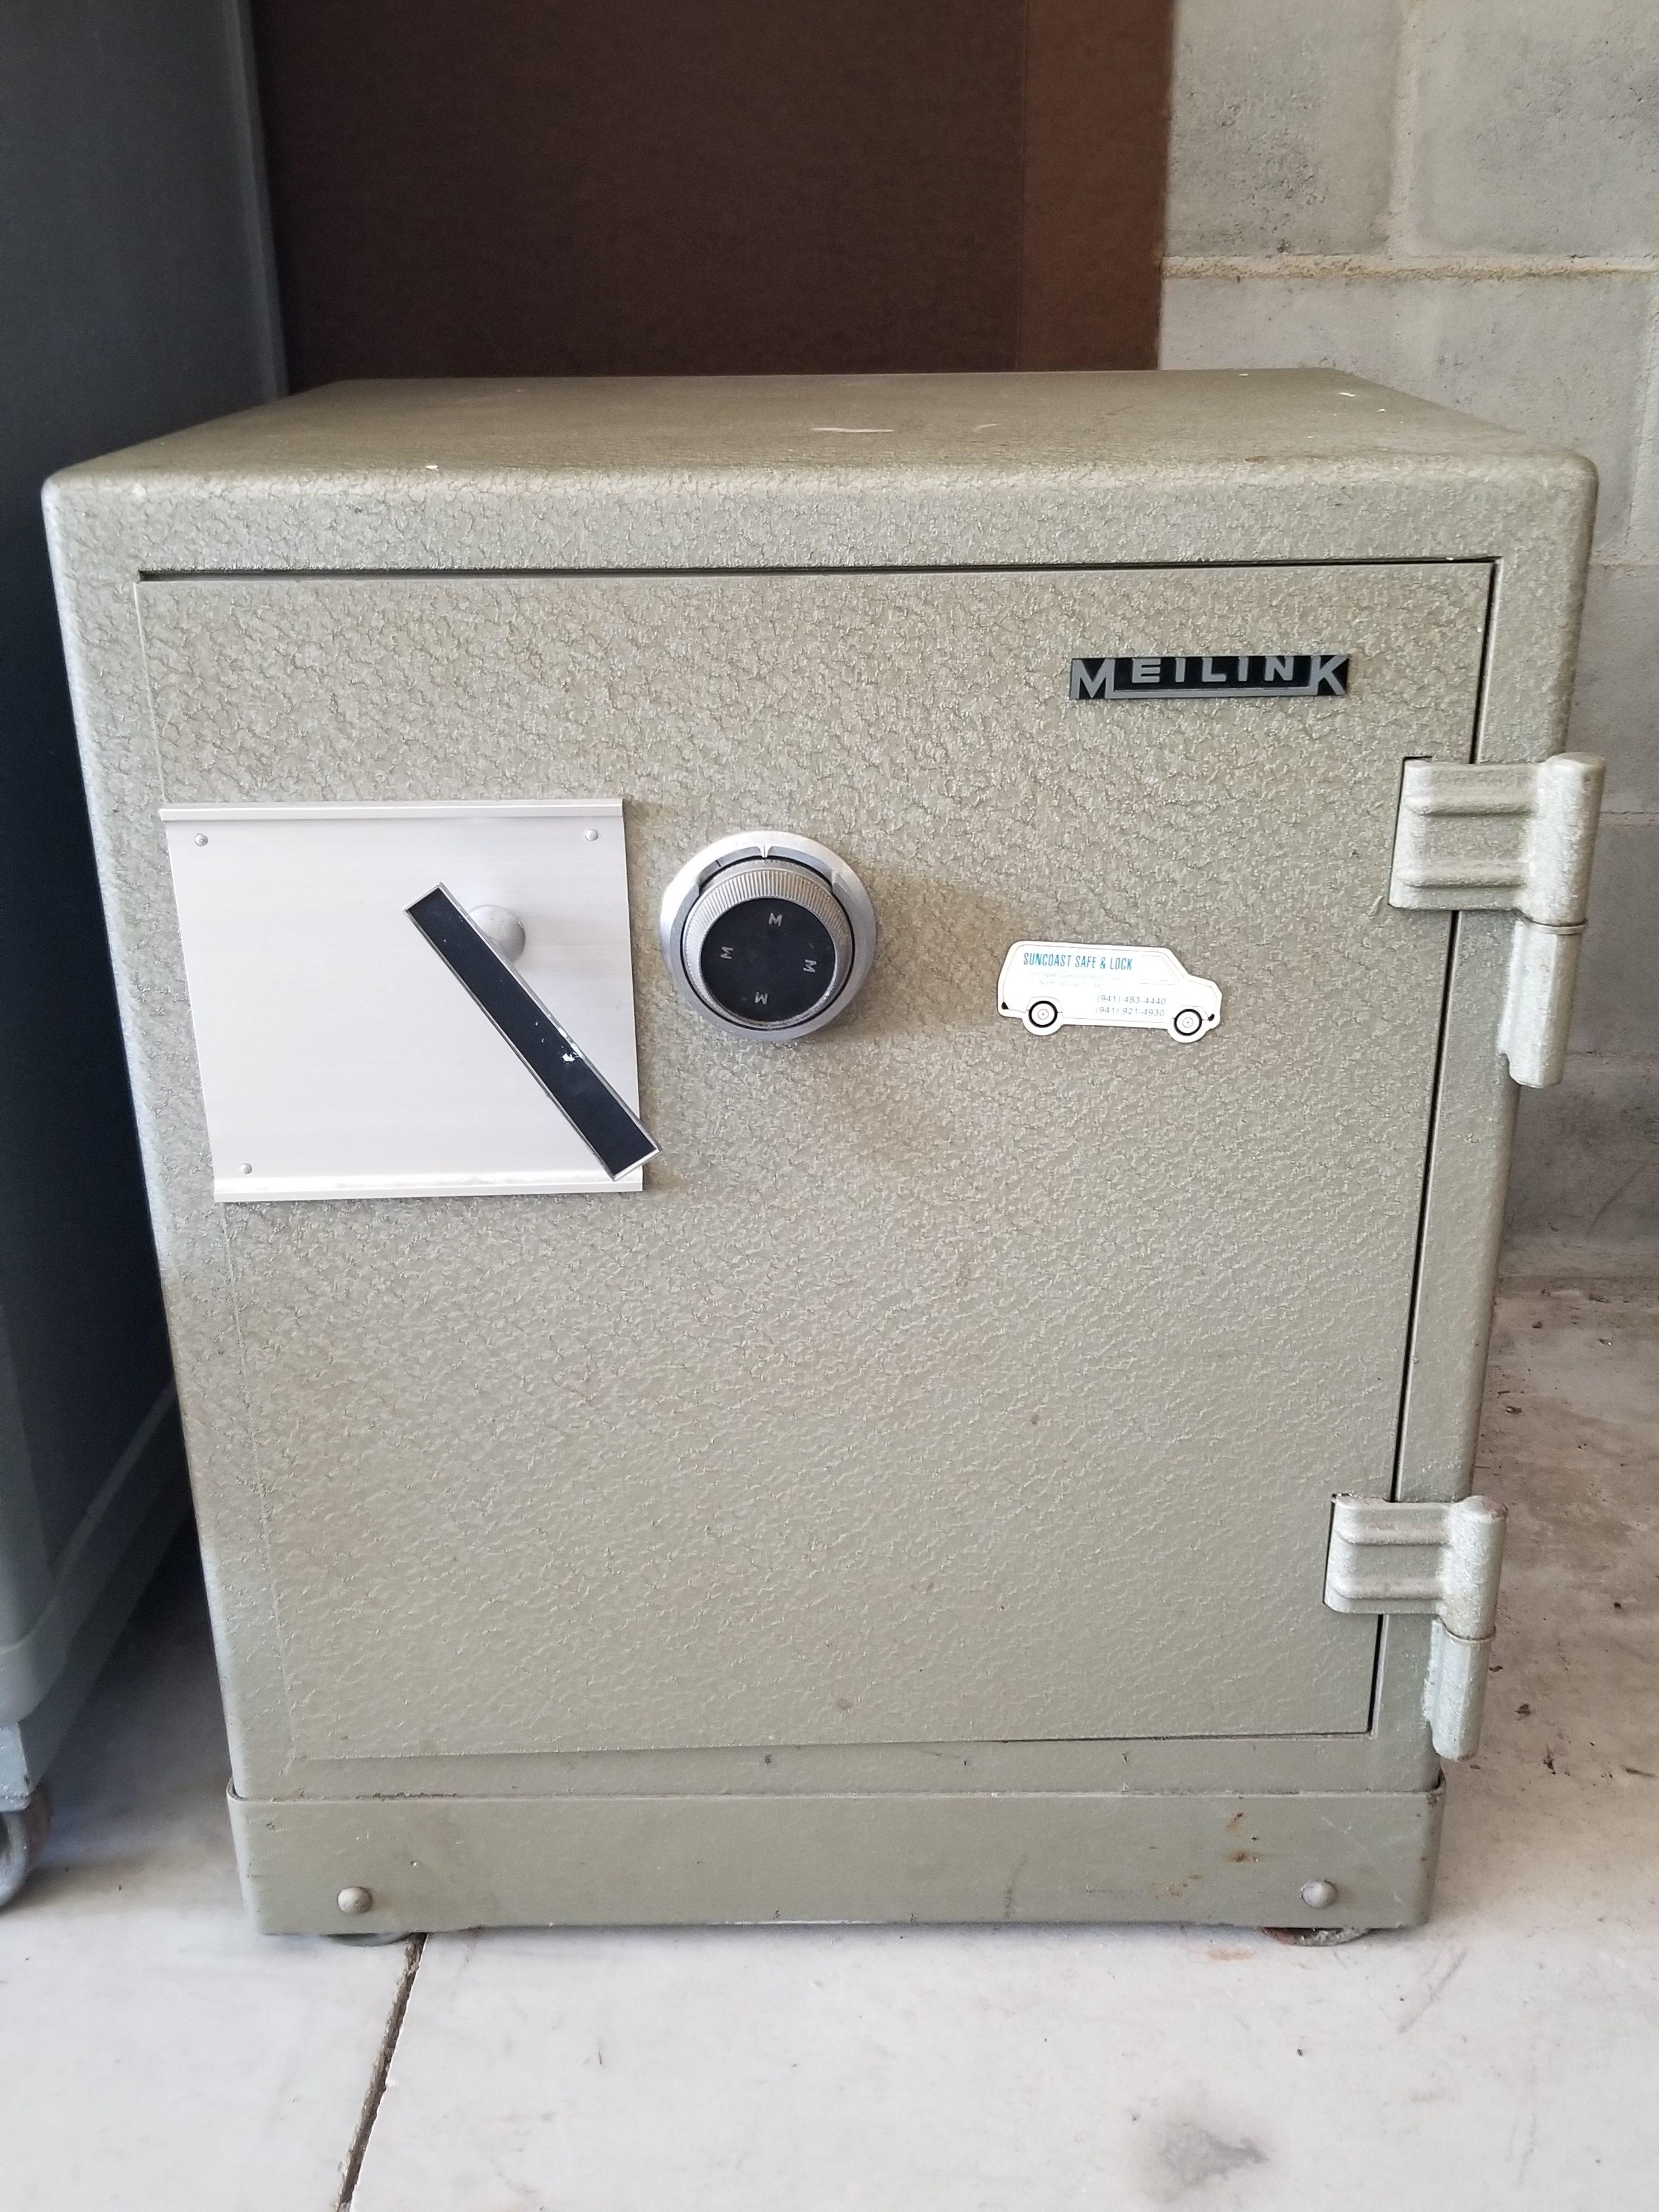 Meilink 1 Hour Fire Safe Suncoast Safe Lock